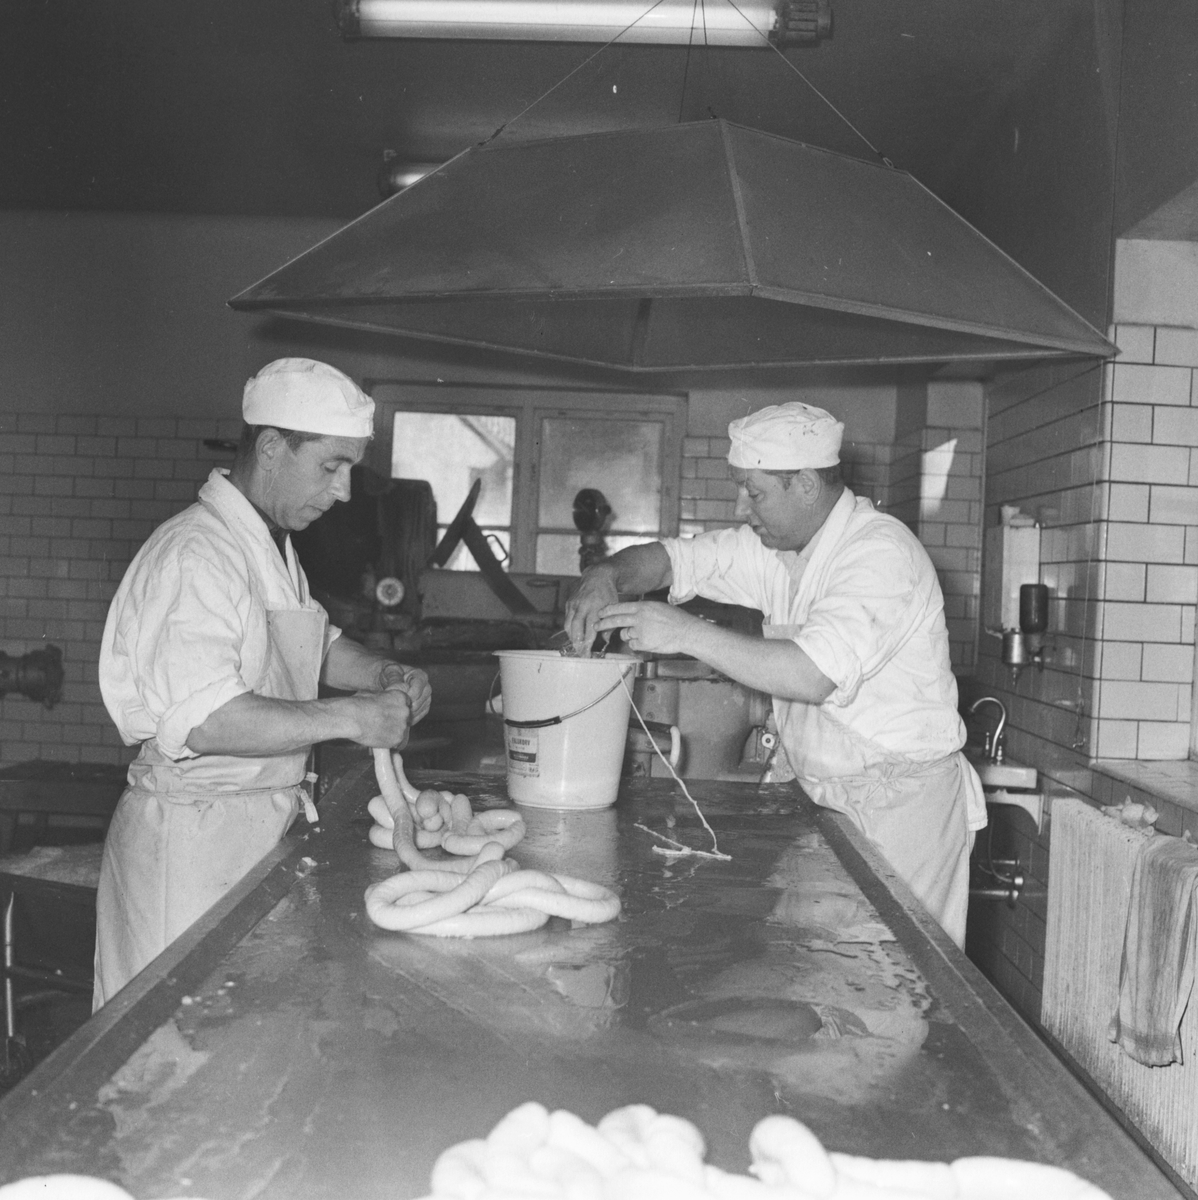 Övrigt: Verksamhet i slakteriet på Stumholmen